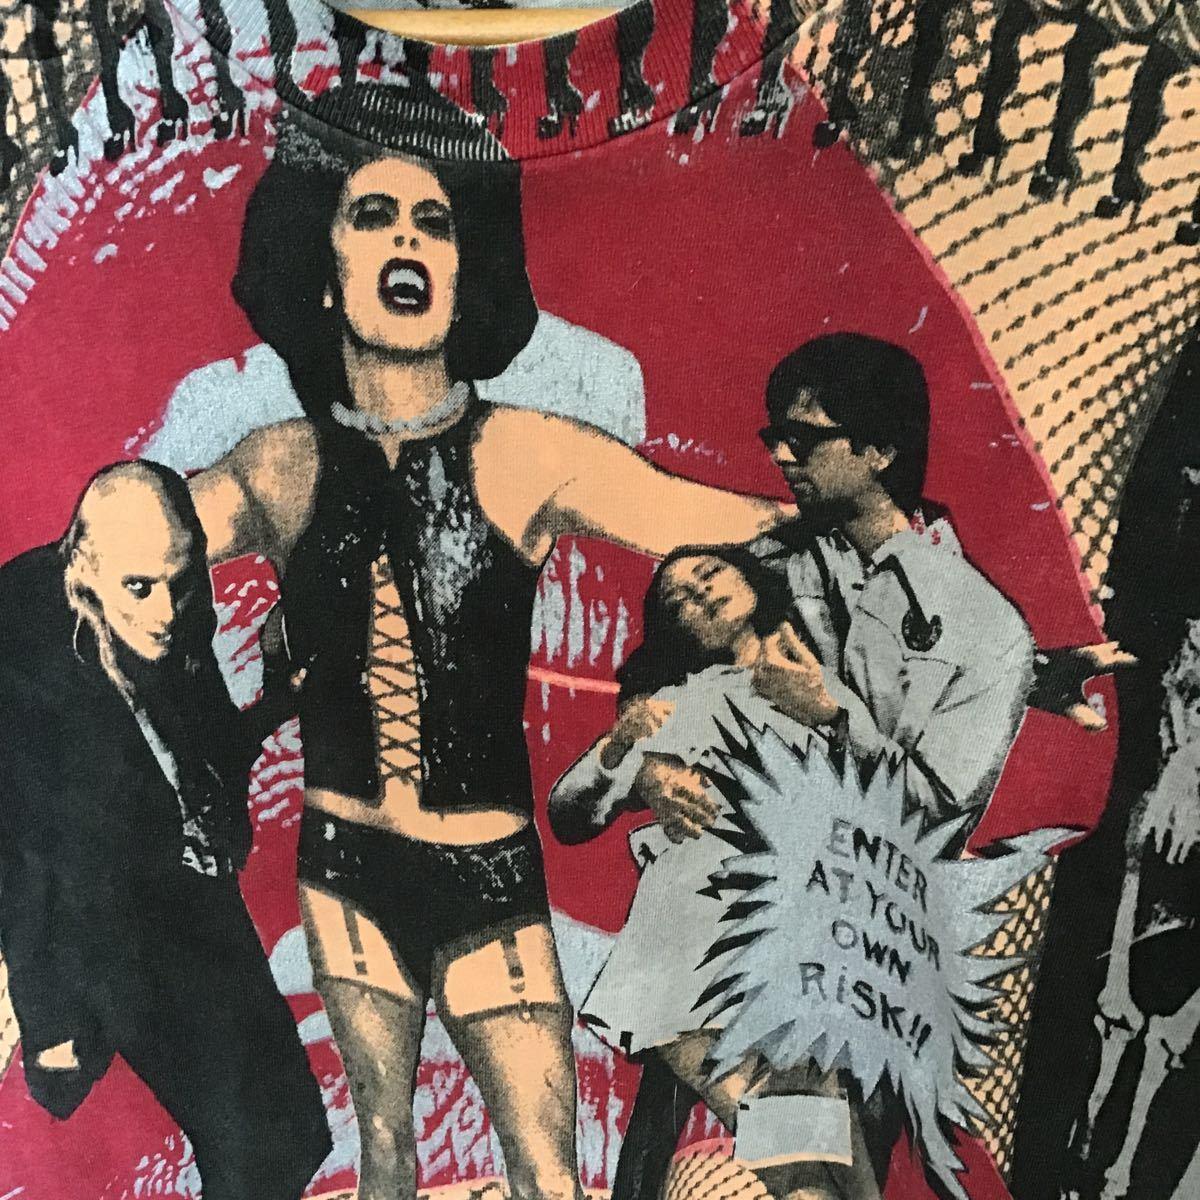 ビンテージロッキンホラーショー古着アメカジUSAマイフリーダムF&E映画70年代音楽フェスロック_画像1